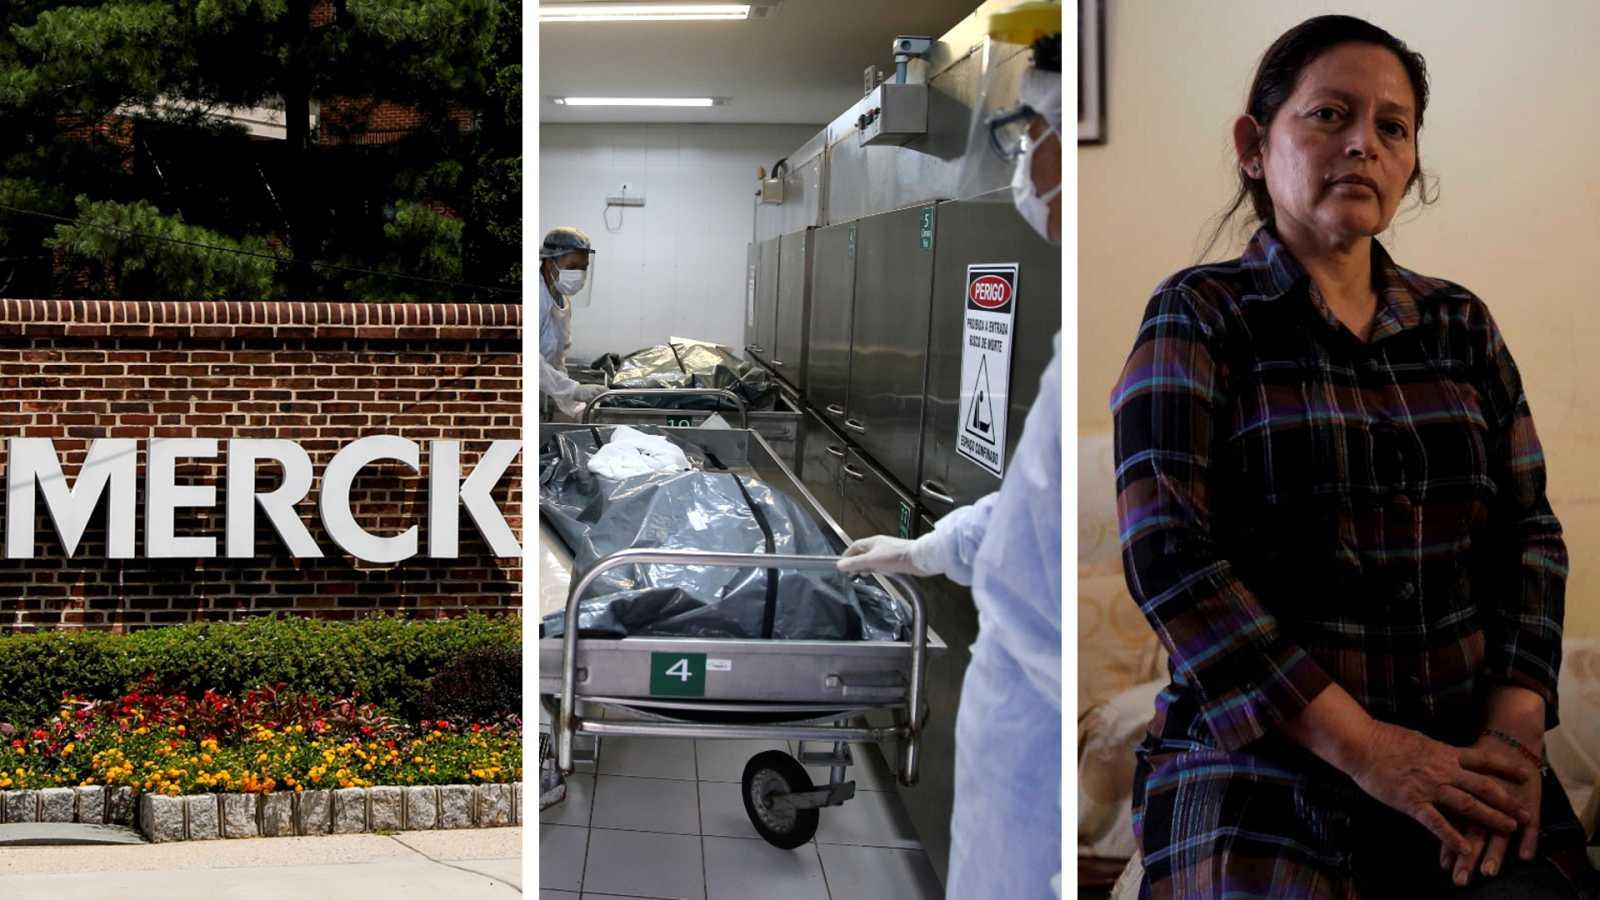 Cinco continentes - Merck fabricará la vacuna monodosis de su rival J&J - Escuchar ahora